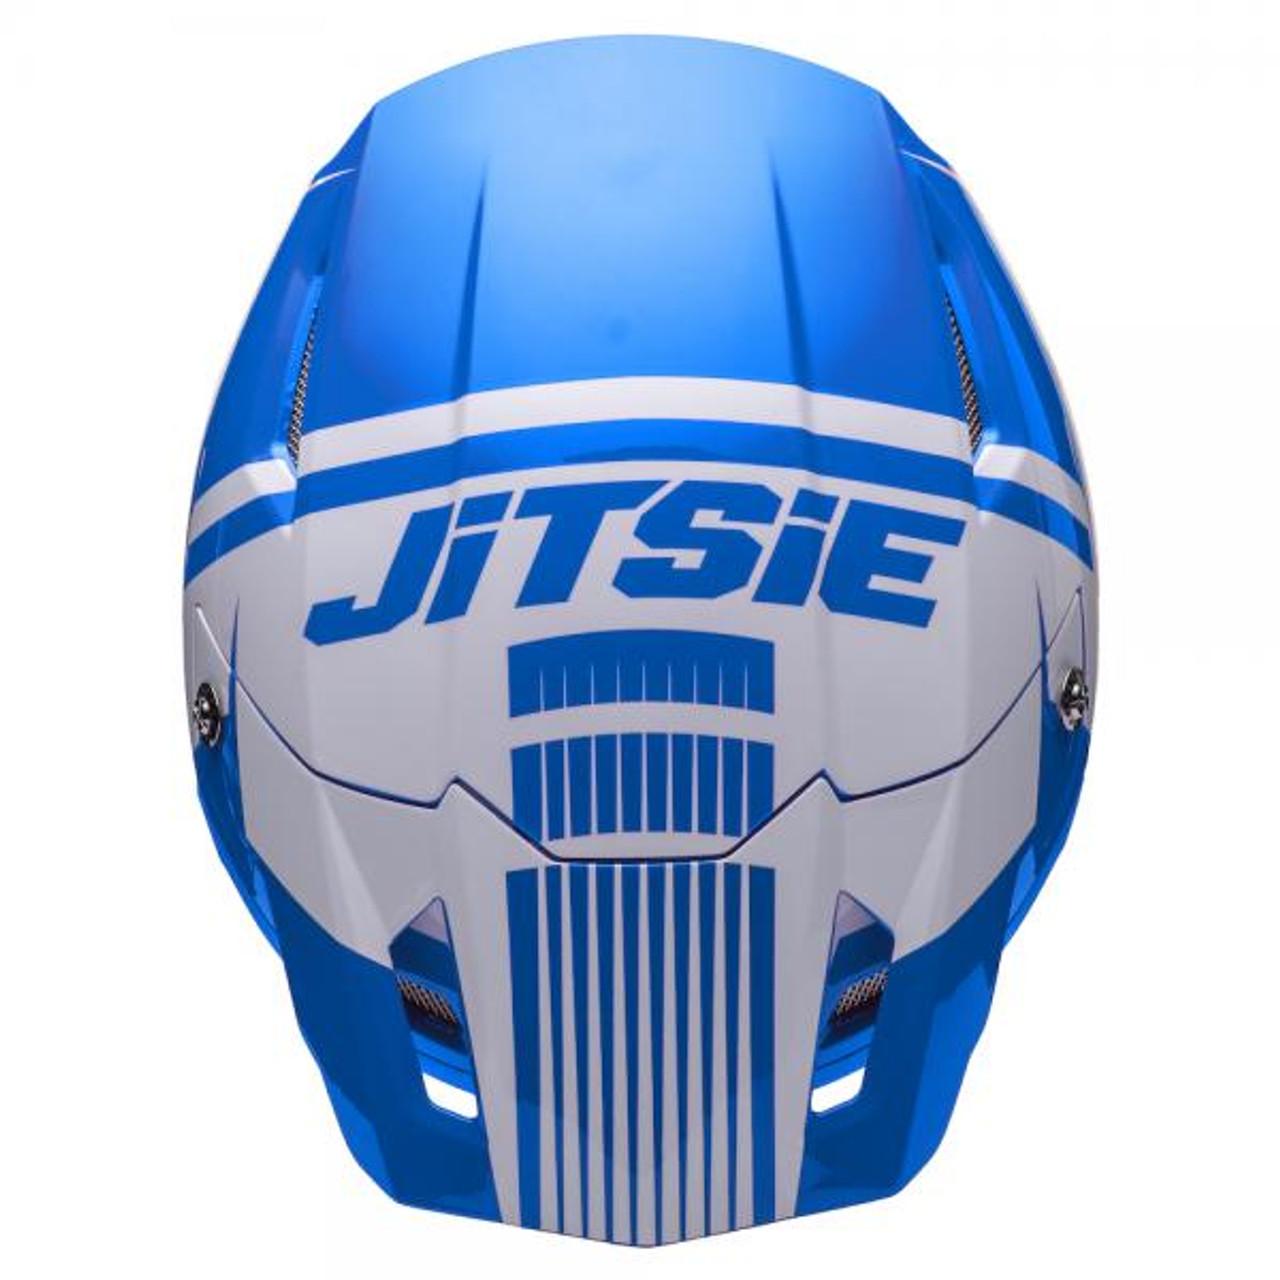 Helmet HT1 Struktur, blue/ white